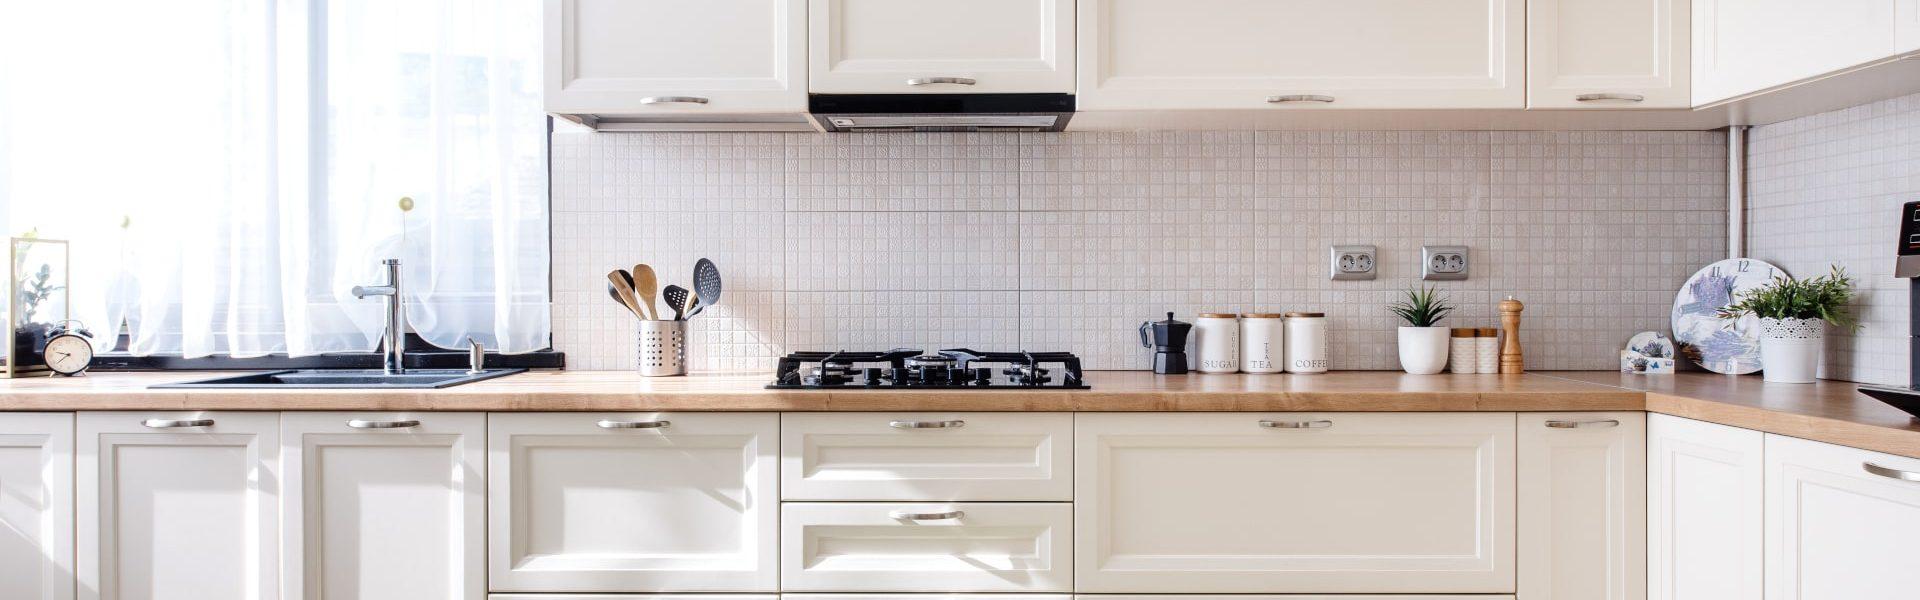 modern-kitchen-interior-design-with-white-furnitur-PBQMF5X-min